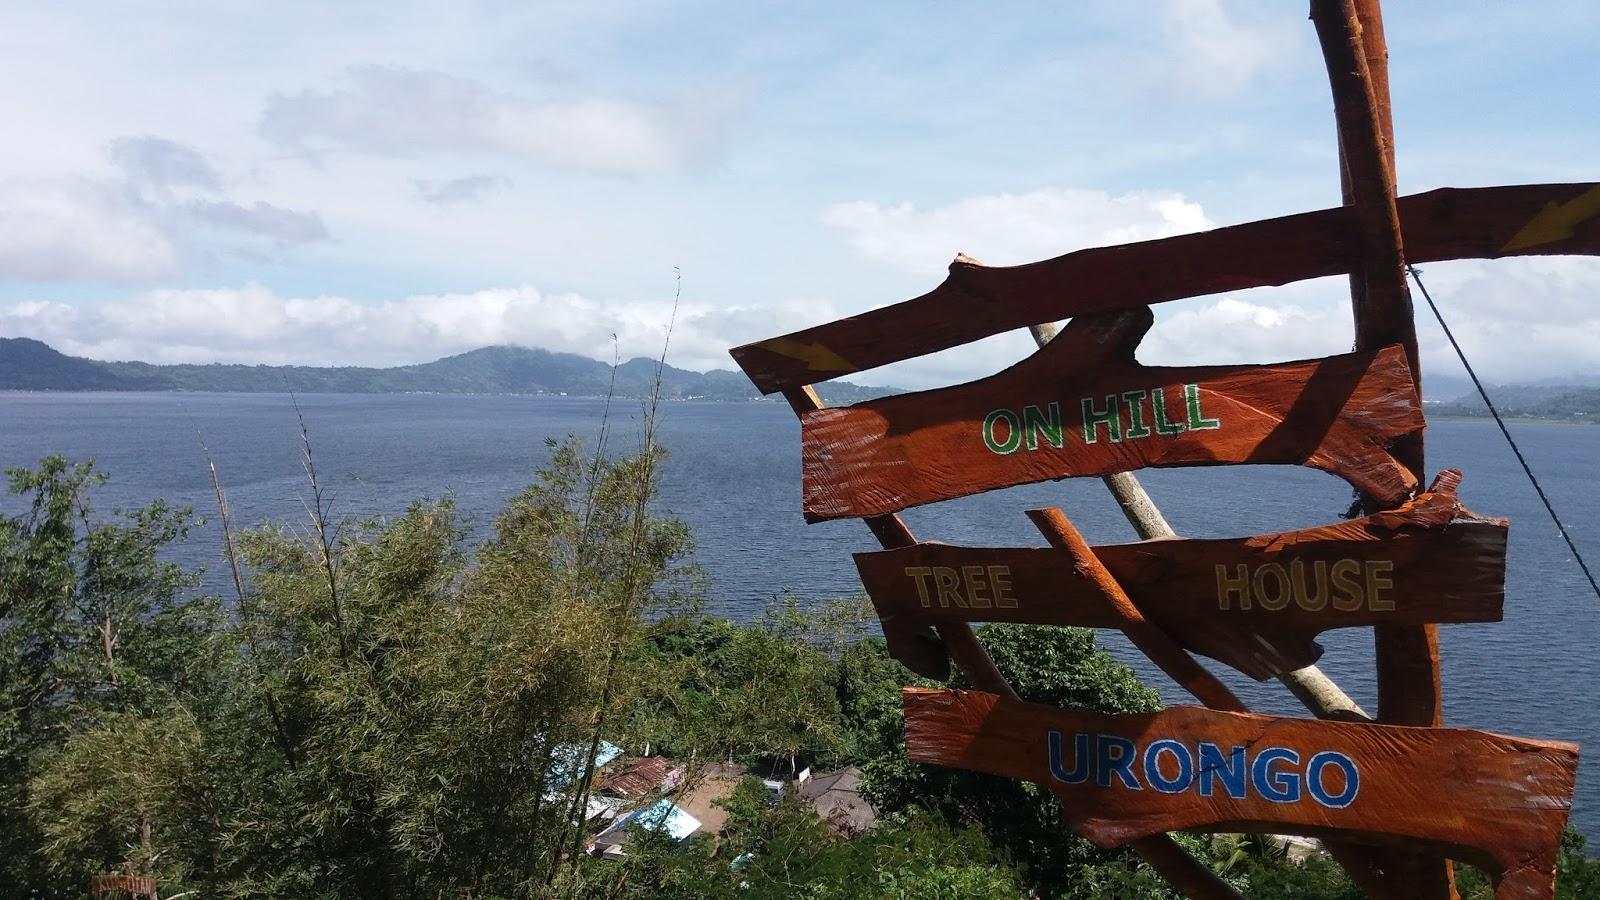 Blog Wisata Sulawesi Utara, Indonesia: TREE HOUSE PUNCAK URONGO